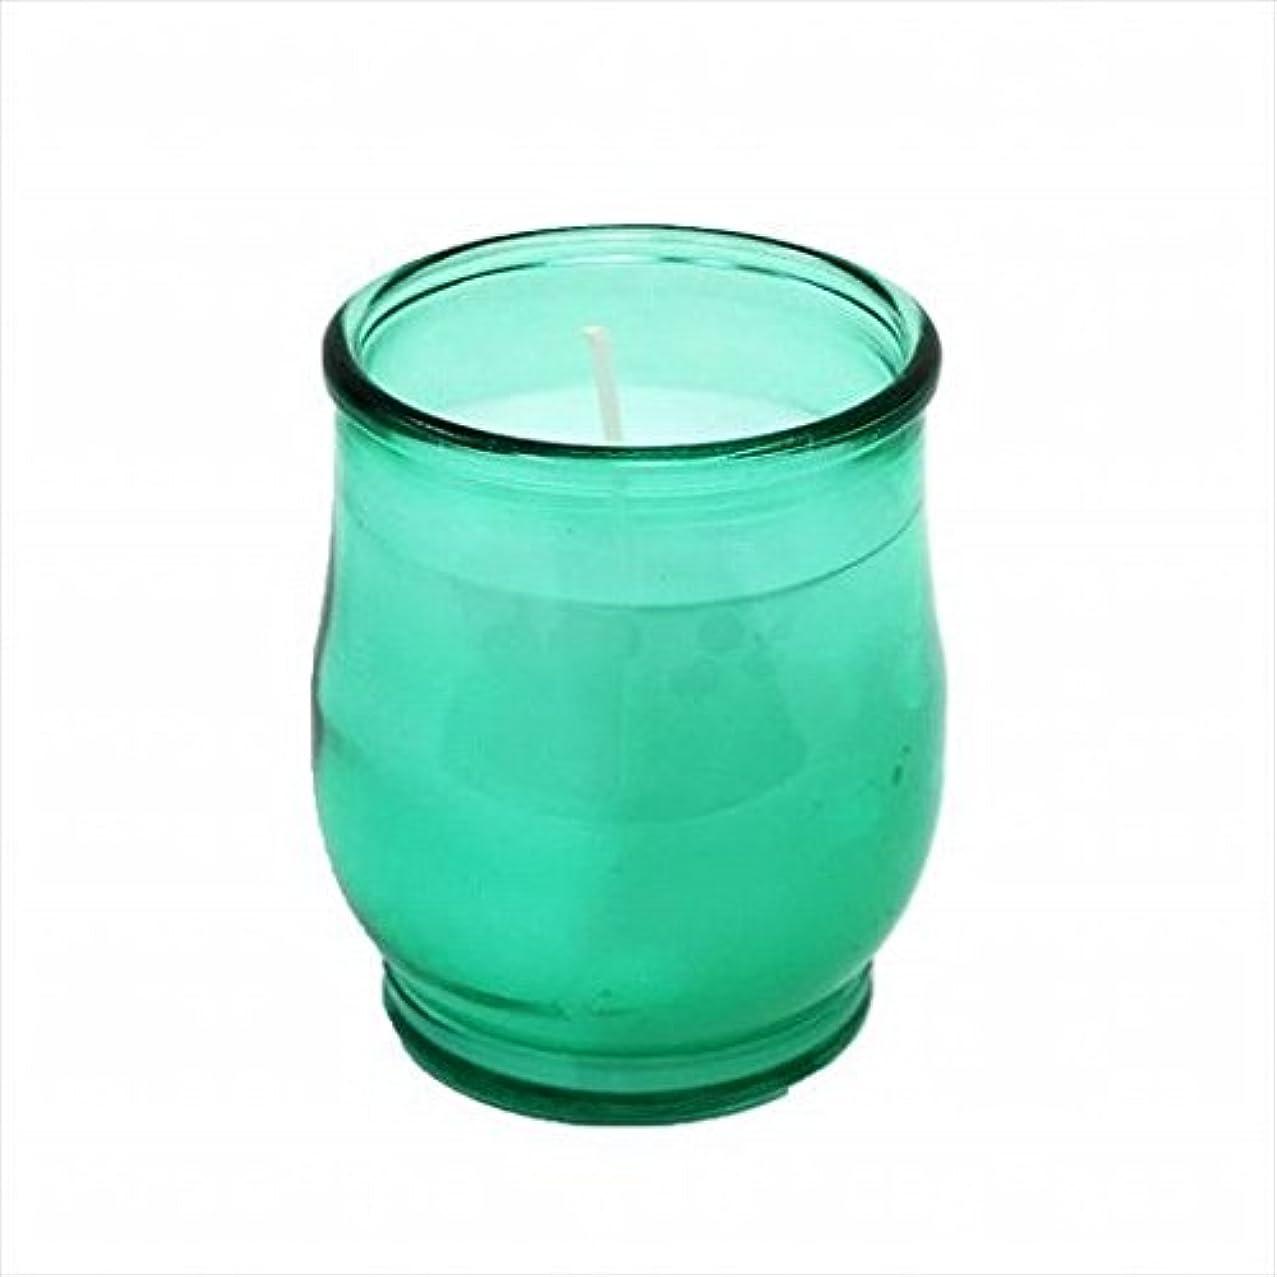 kameyama candle(カメヤマキャンドル) ポシェ(非常用コップローソク) 「 グリーン(ライトカラー) 」 キャンドル 68x68x80mm (73020030G)